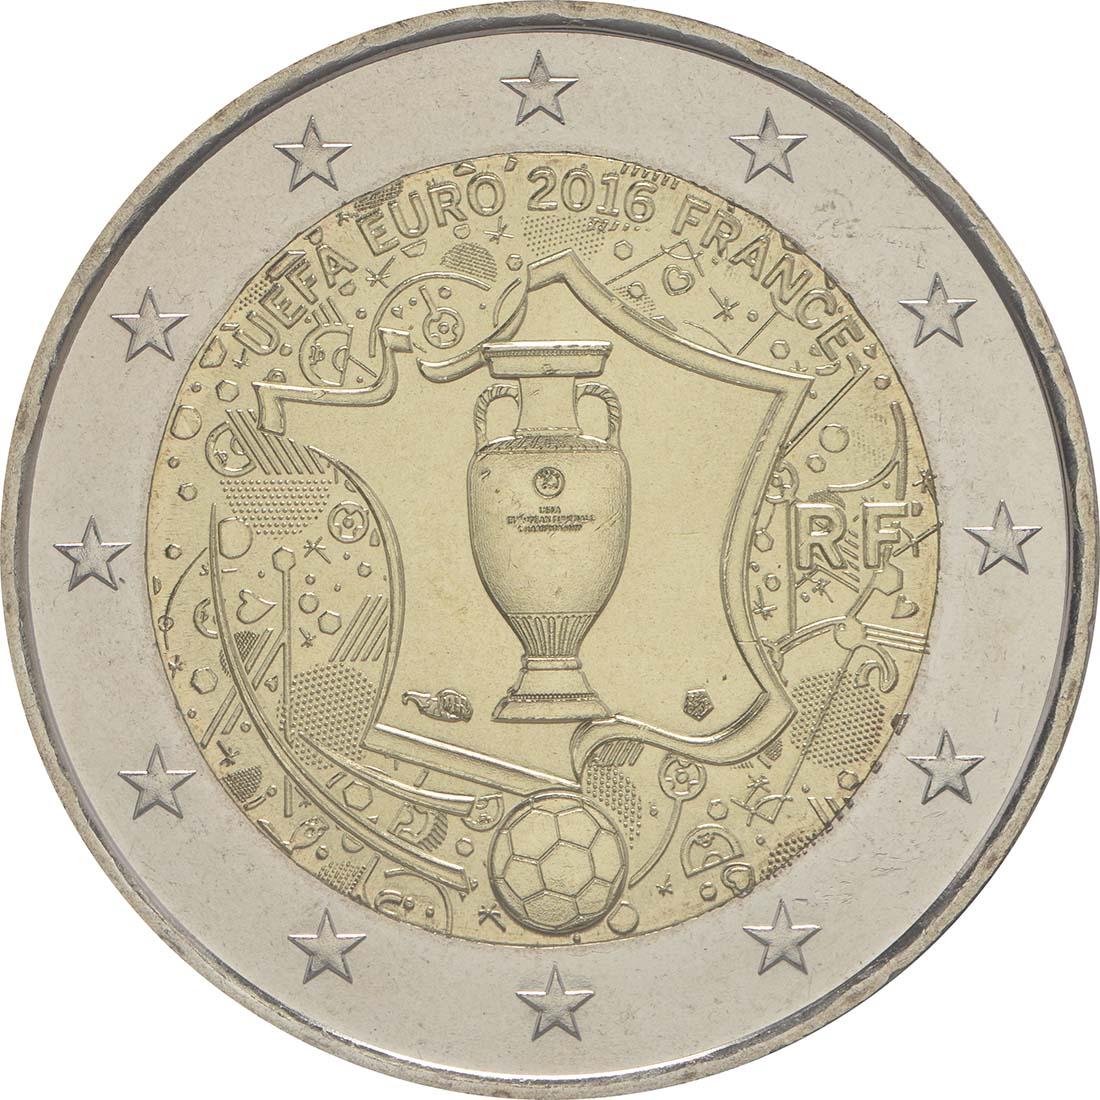 2016 236 Frankreich UEFA Europameisterschaft.jpg